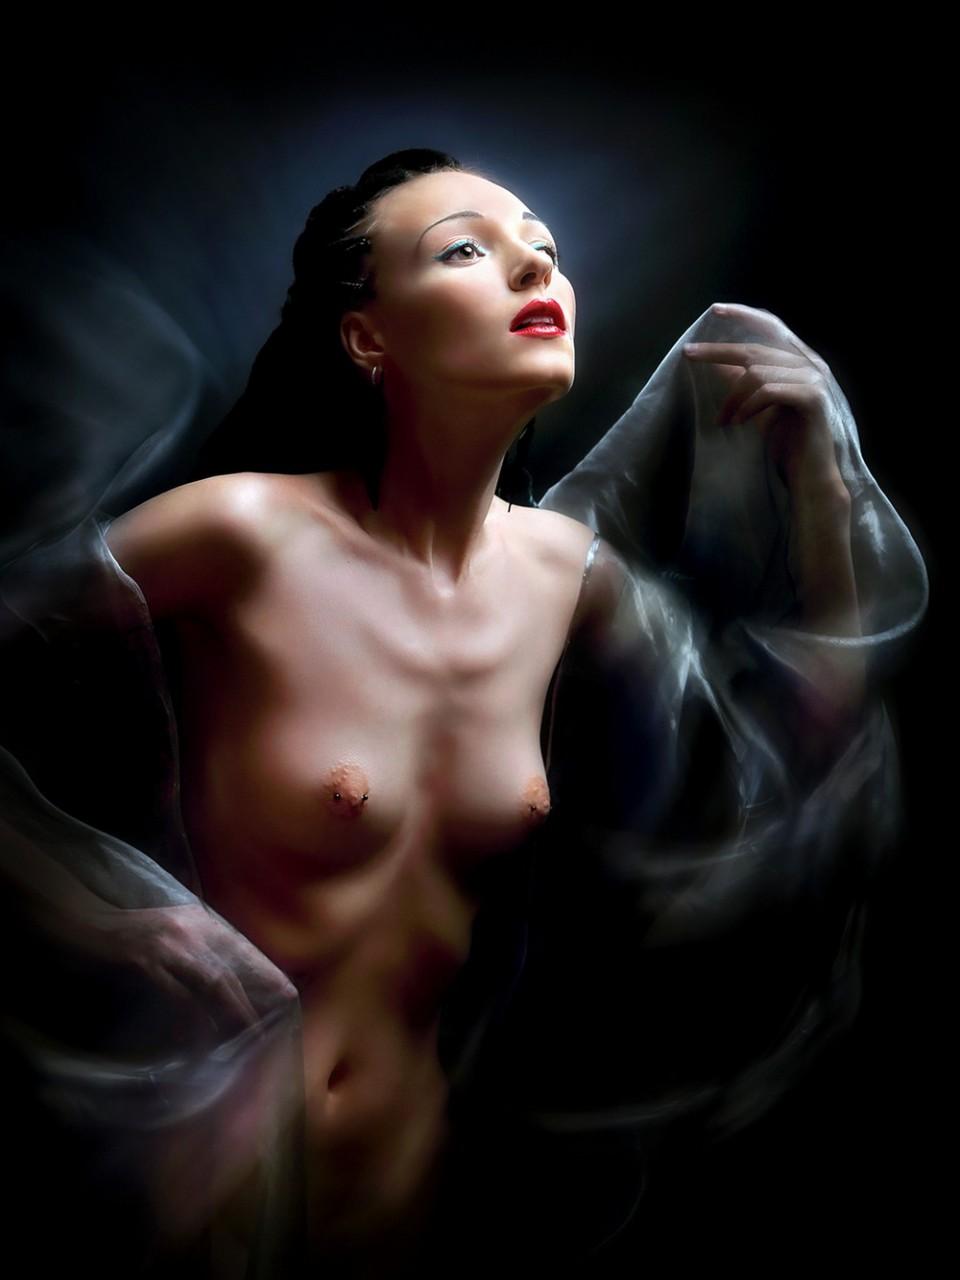 avtorskie-eroticheskie-foto